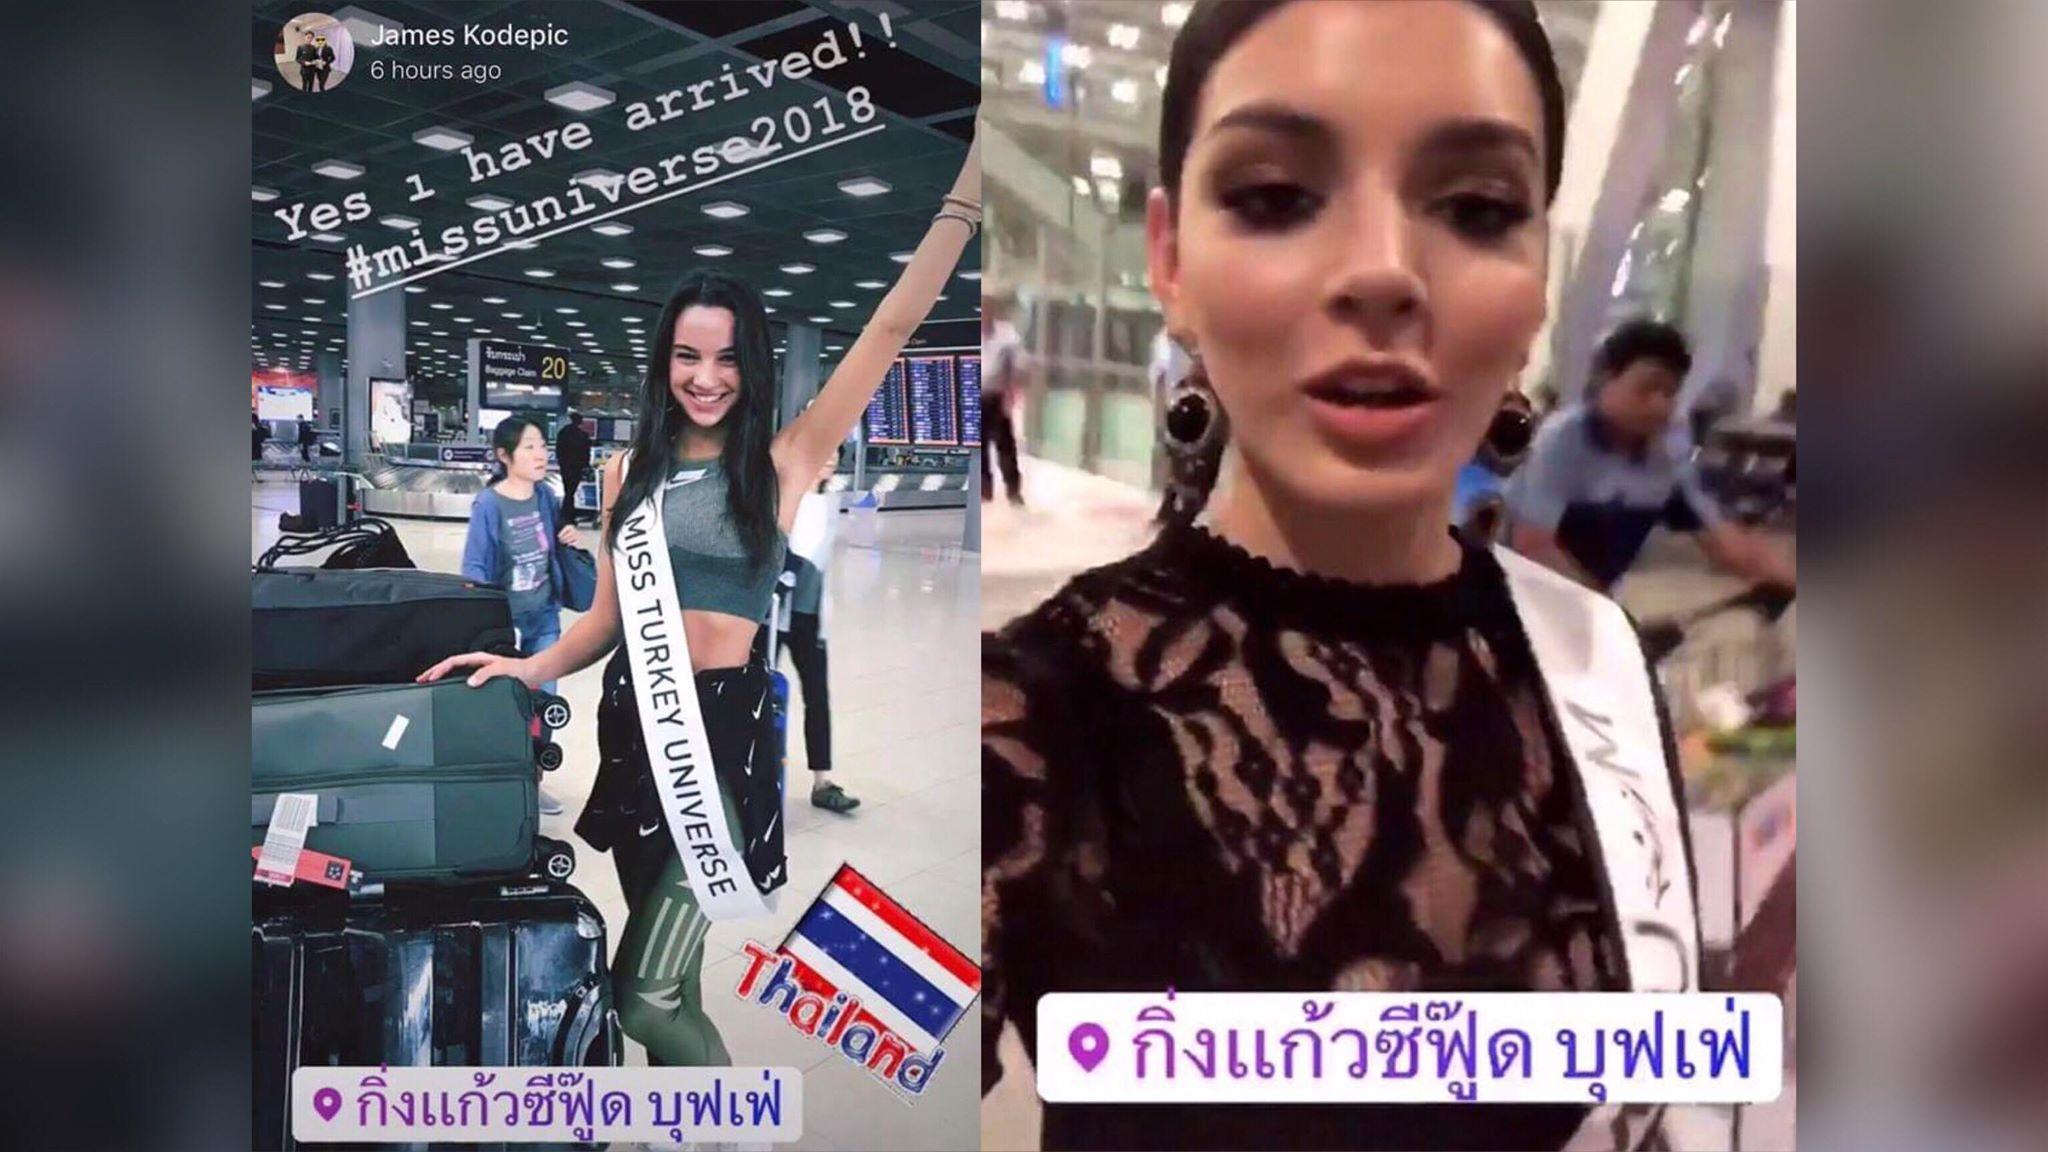 สาวงามผู้เข้าประกวด Miss Universe 2018 เช็คอินหลังถึงไทยแต่ดันเป็นร้านบุฟเฟต์